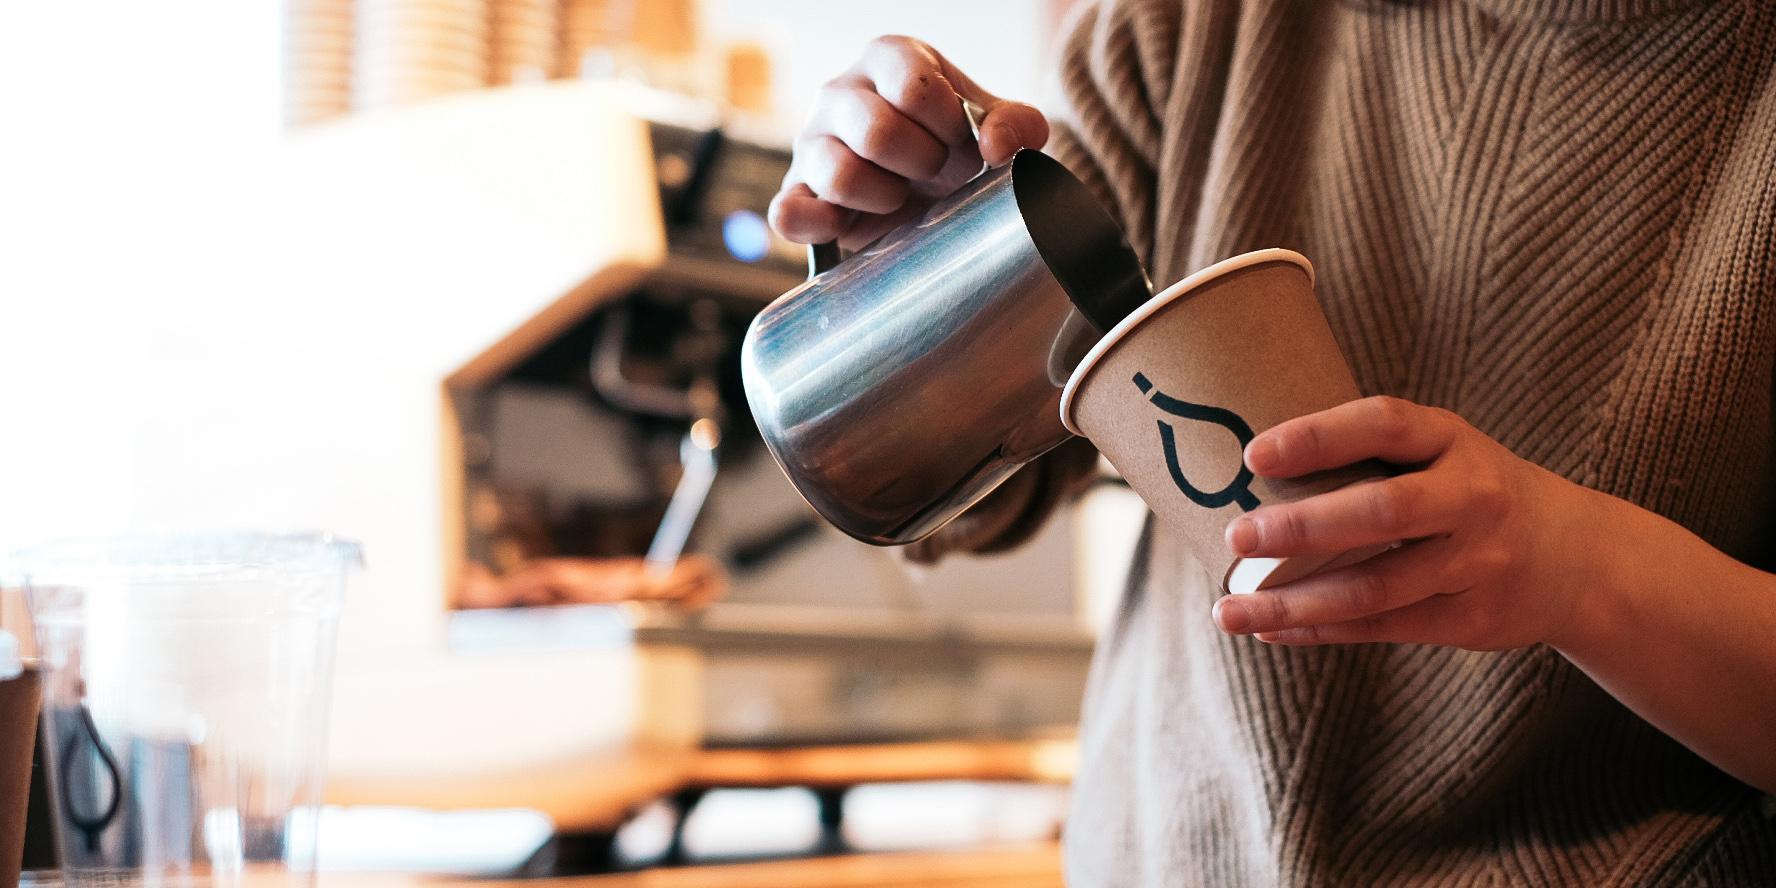 FUIGO,cafe,logo,カフェ,店舗ロゴ,ロゴ,デザイン,群馬県,太田市